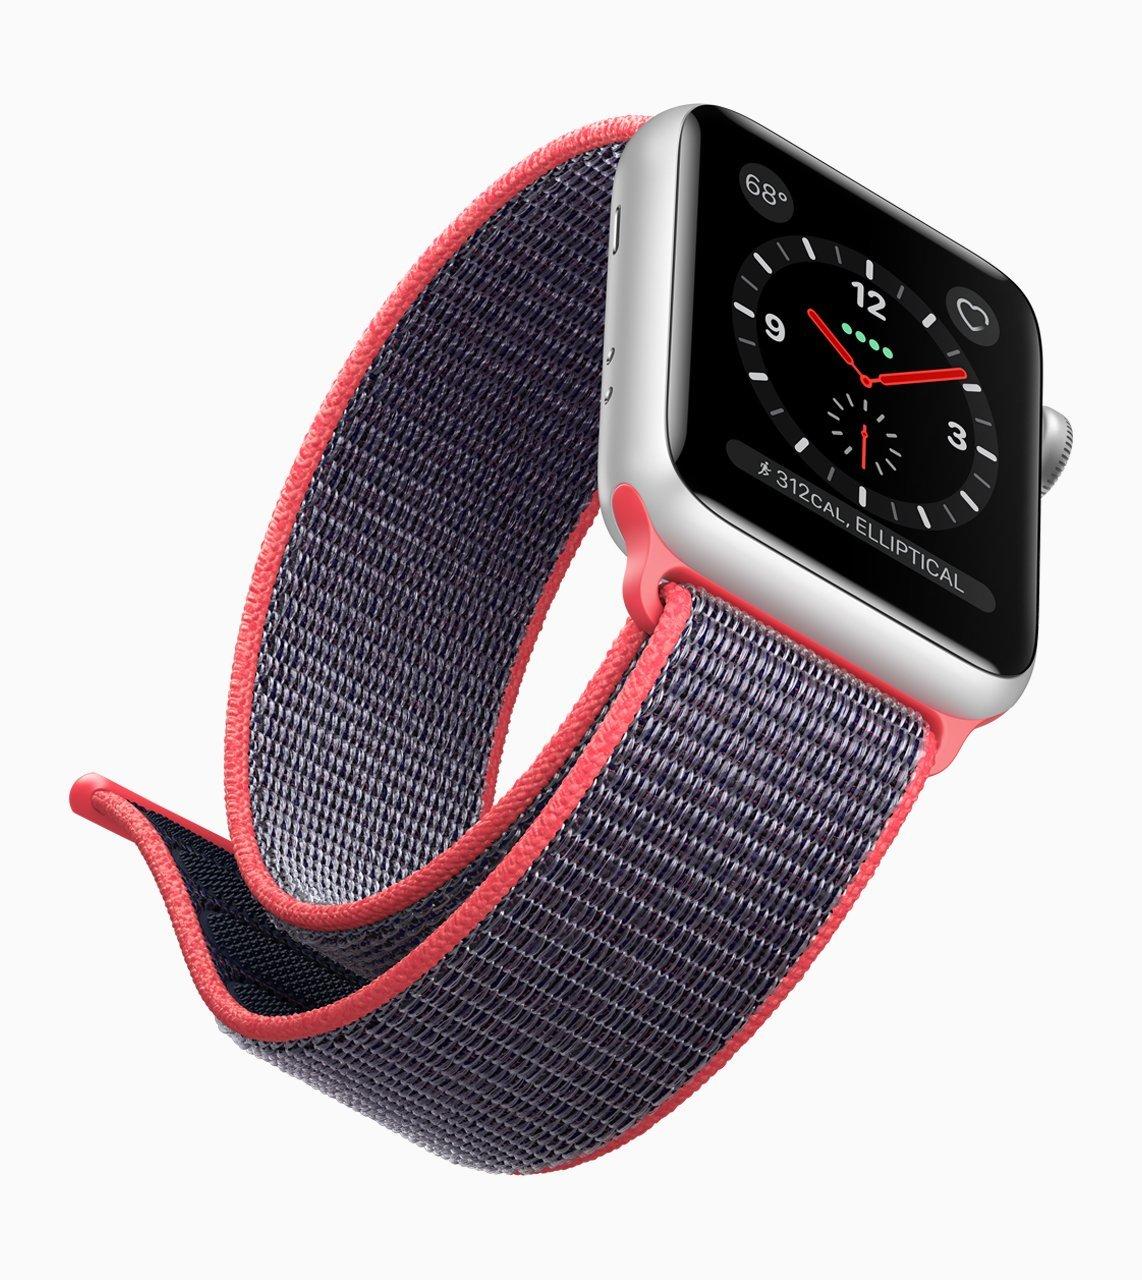 Apple Watch Series 3: Im Ausland LTE nur via iPhone